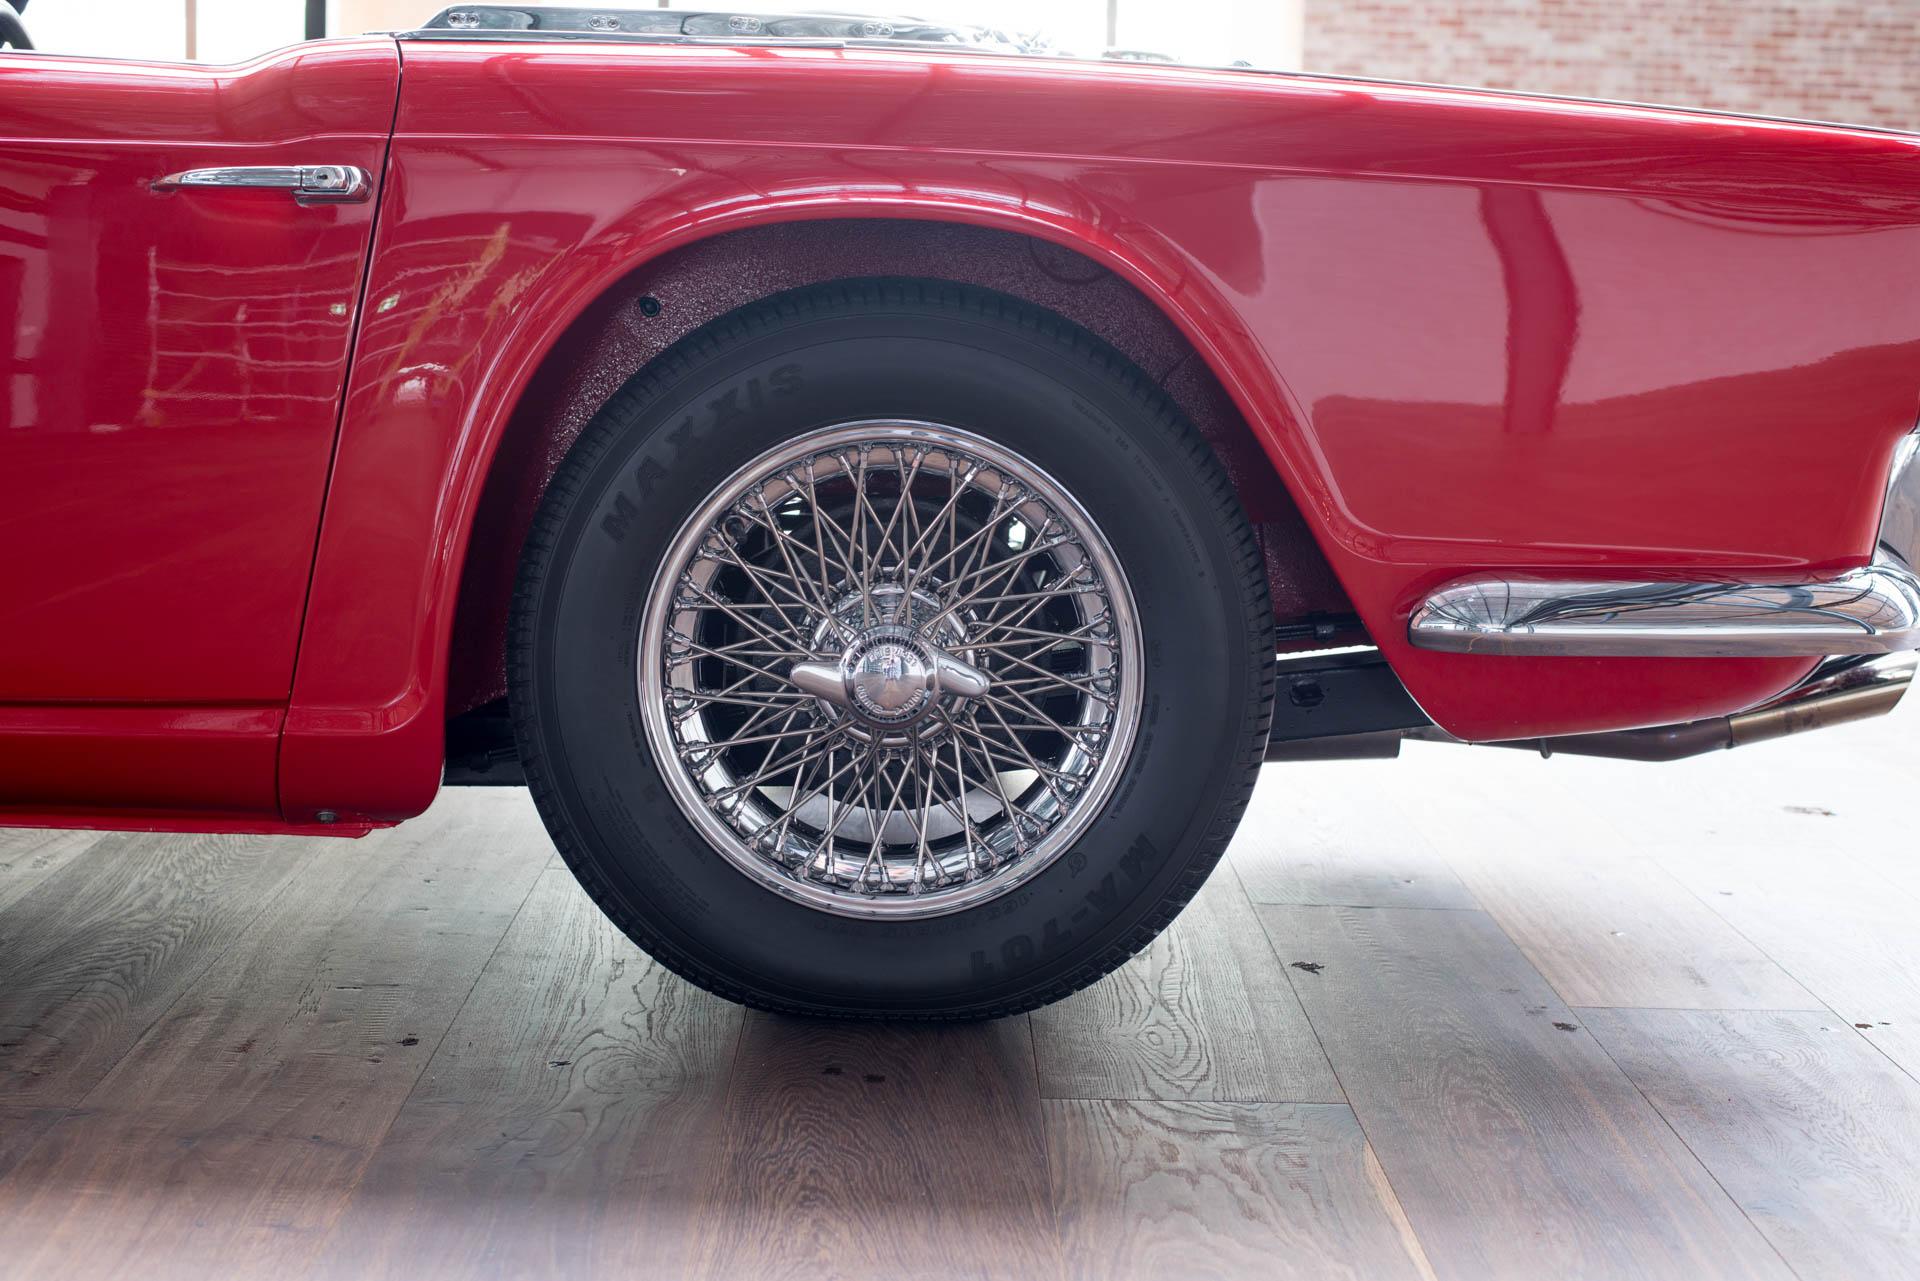 1962 Triumph TR4 - Richmonds - Classic and Prestige Cars - Storage ...